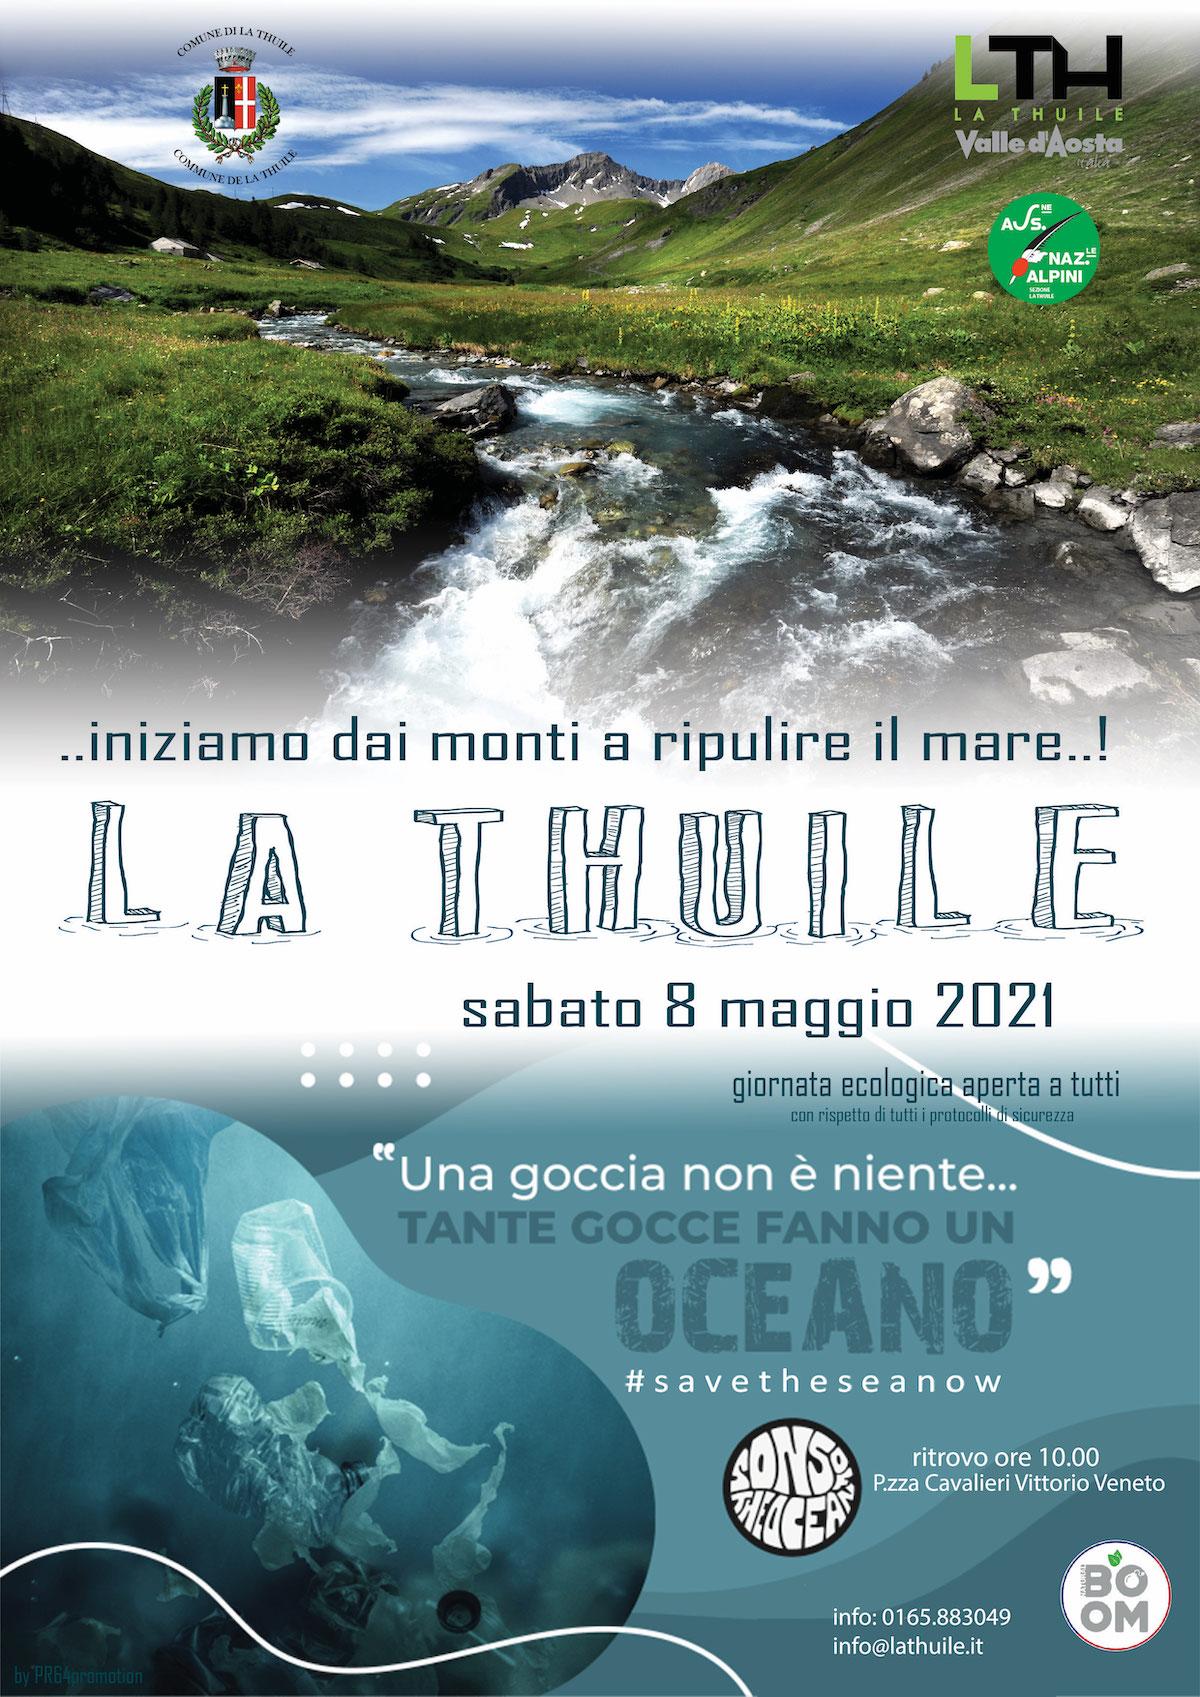 Giornata ecologica La Thuile